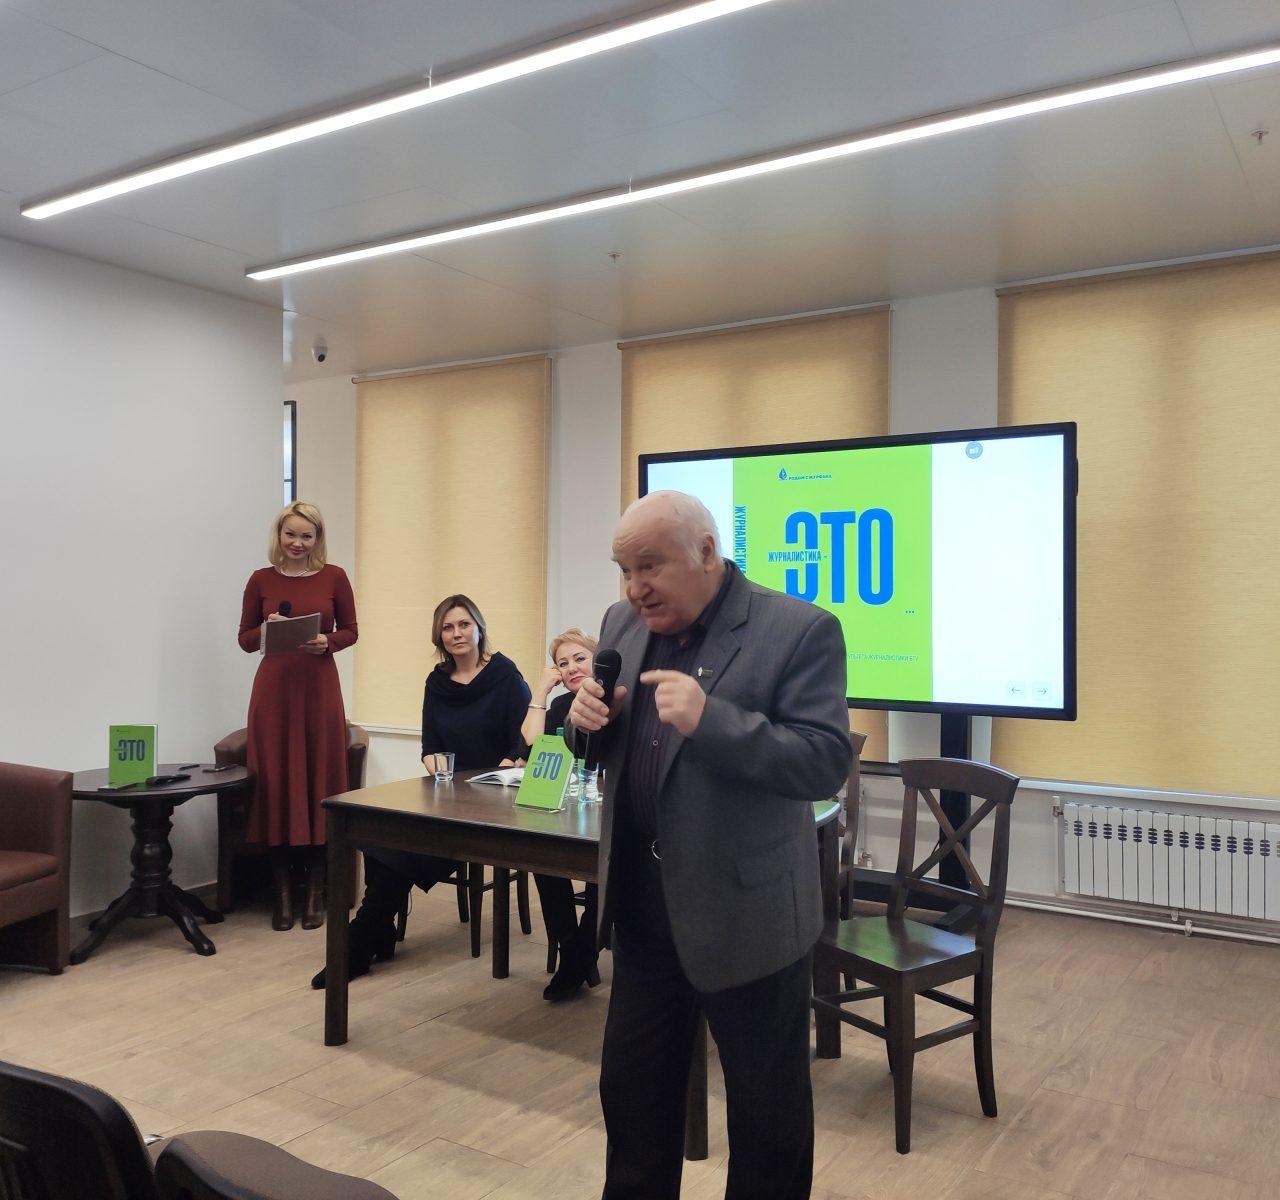 «После таких историй понимаешь: журналистике довольно сложно научить, ей можно только научиться». В Минске прошла презентация книги «Журналистика — это...» 17